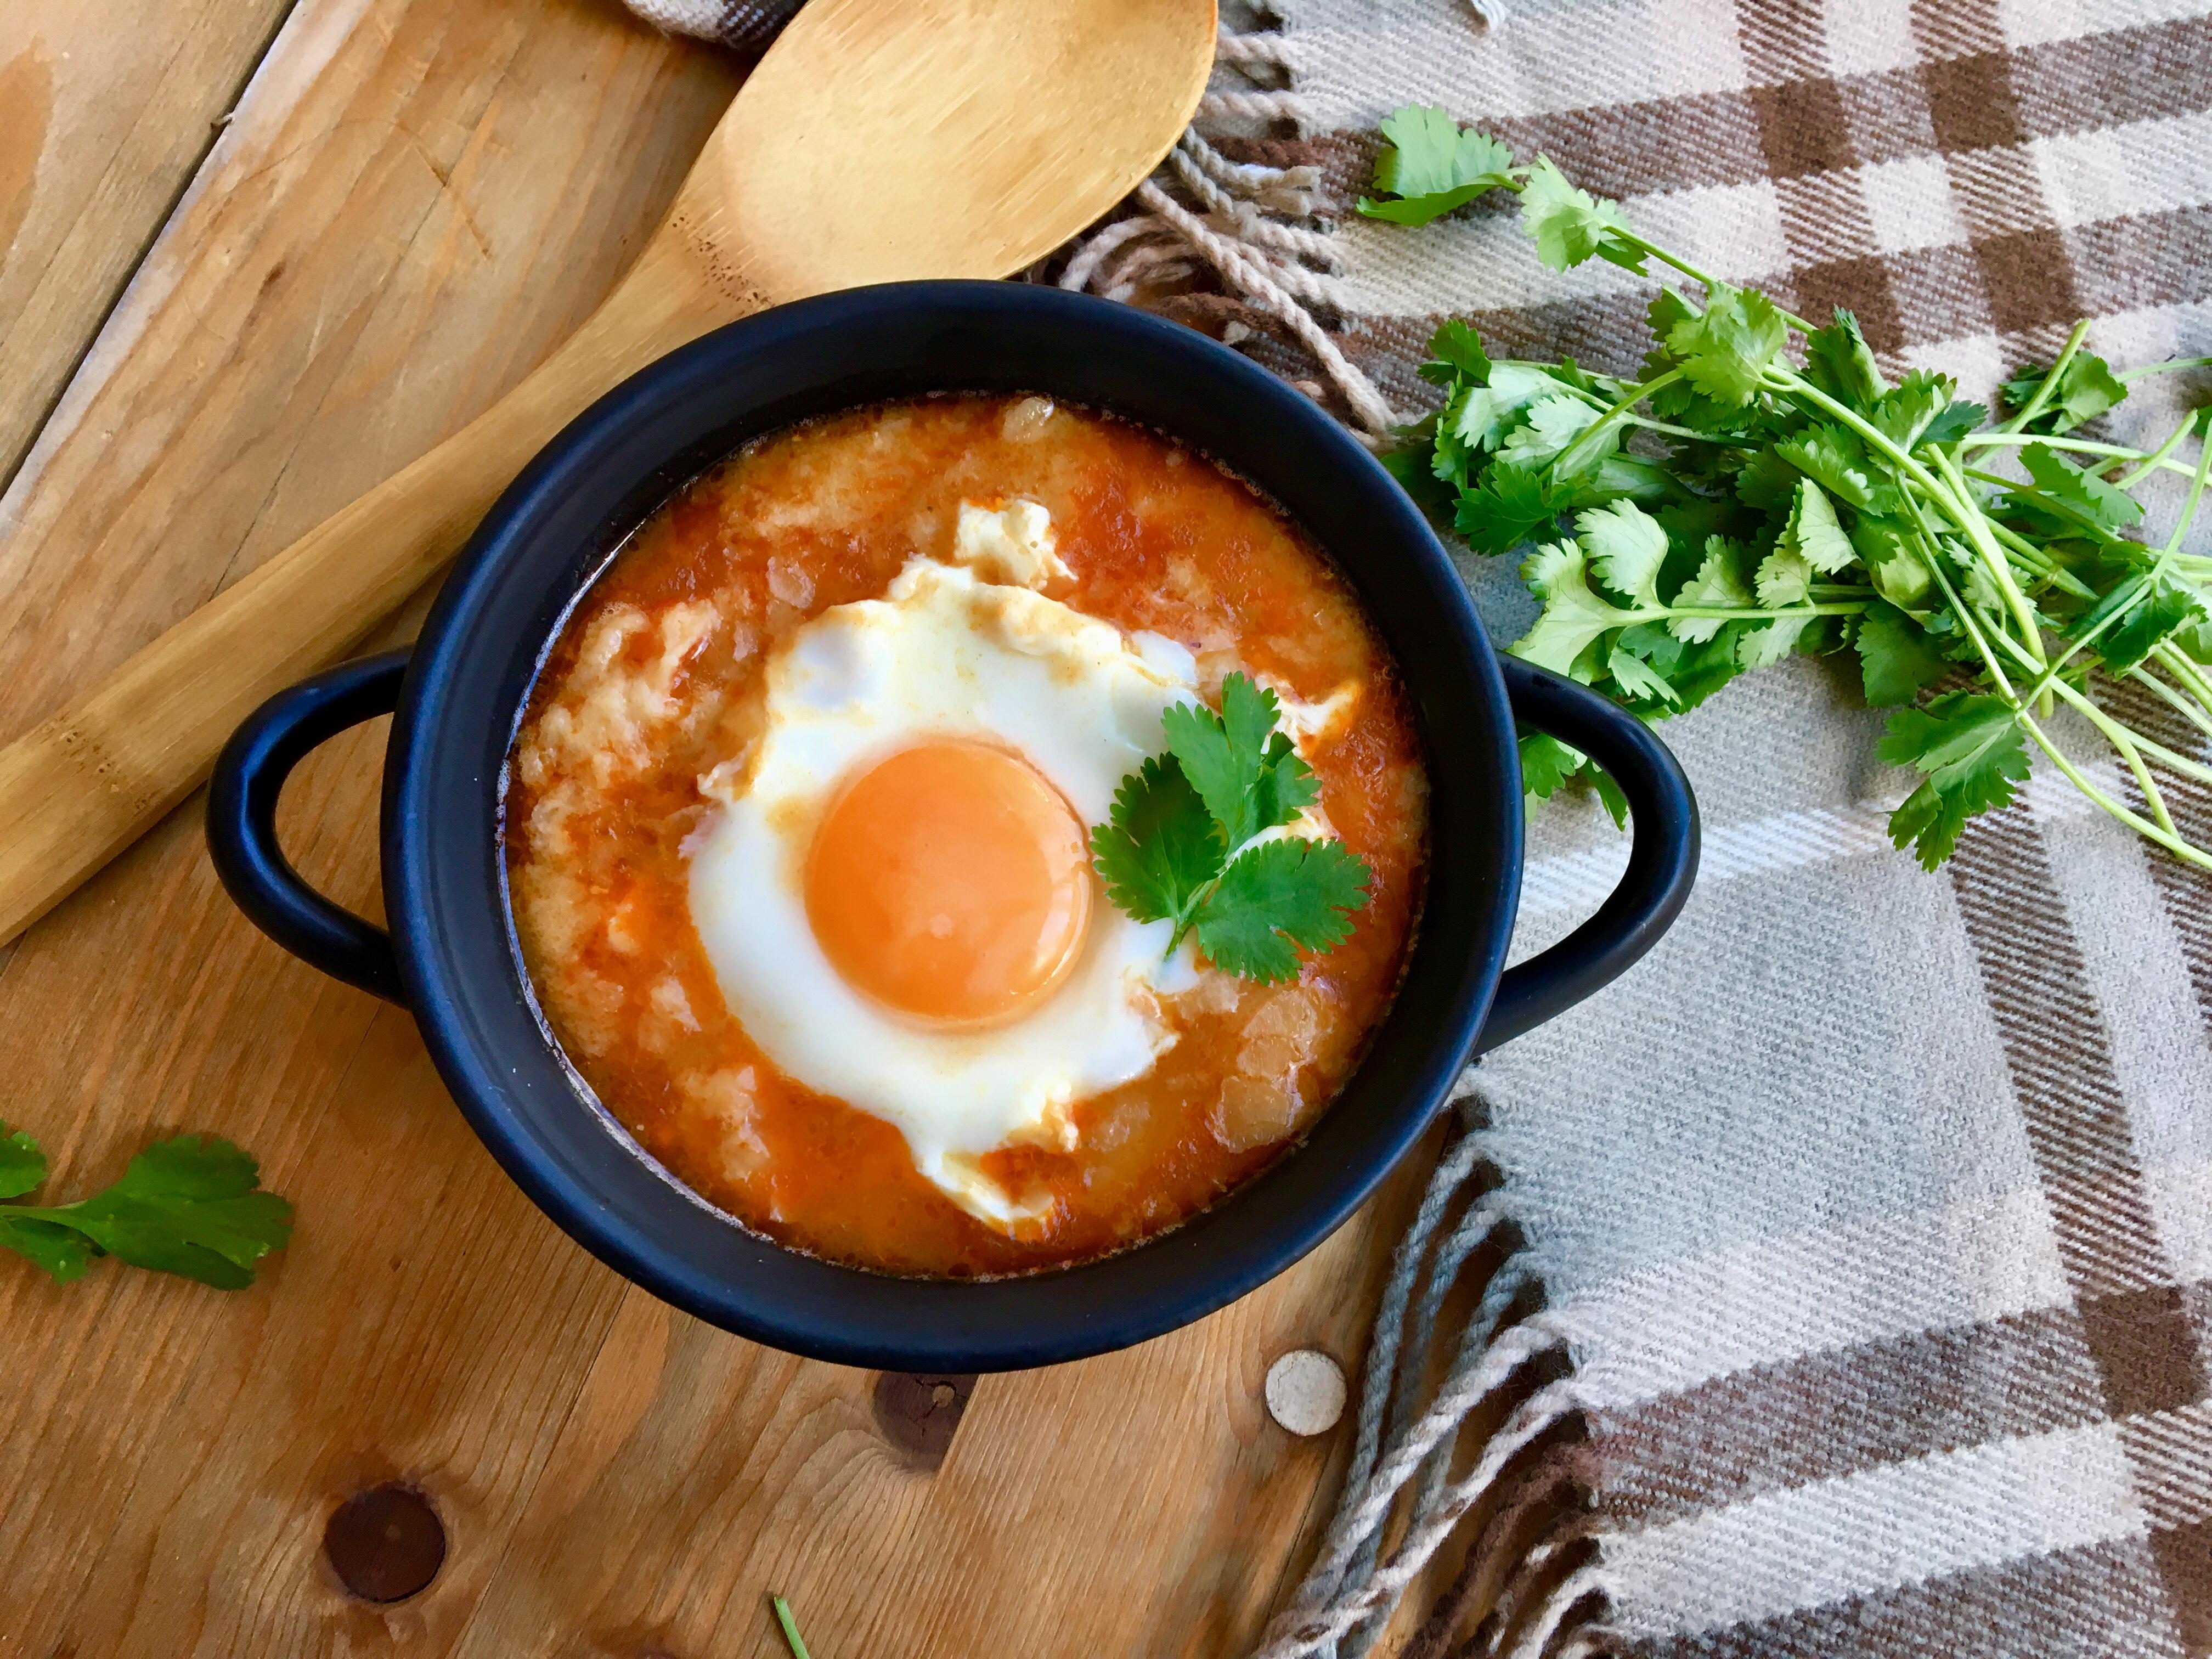 Sopa de ajo con jamón y huevo